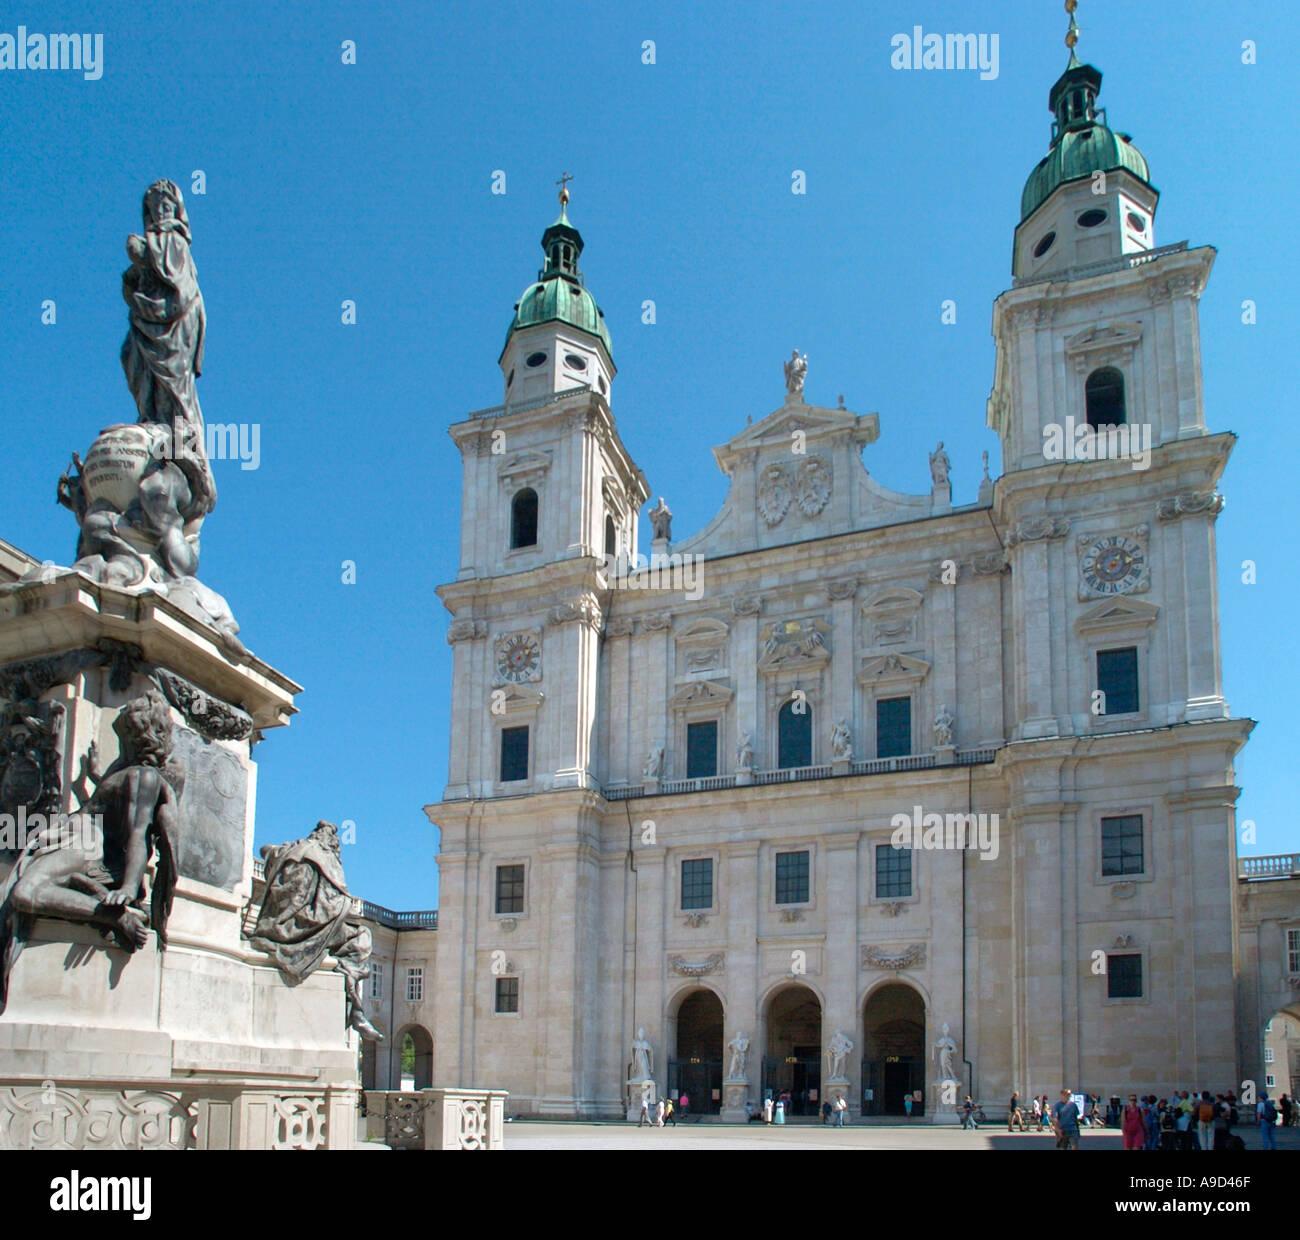 Dom und Domplatz, Altstadt (alte Stadt), Salzburg, Österreich Stockbild